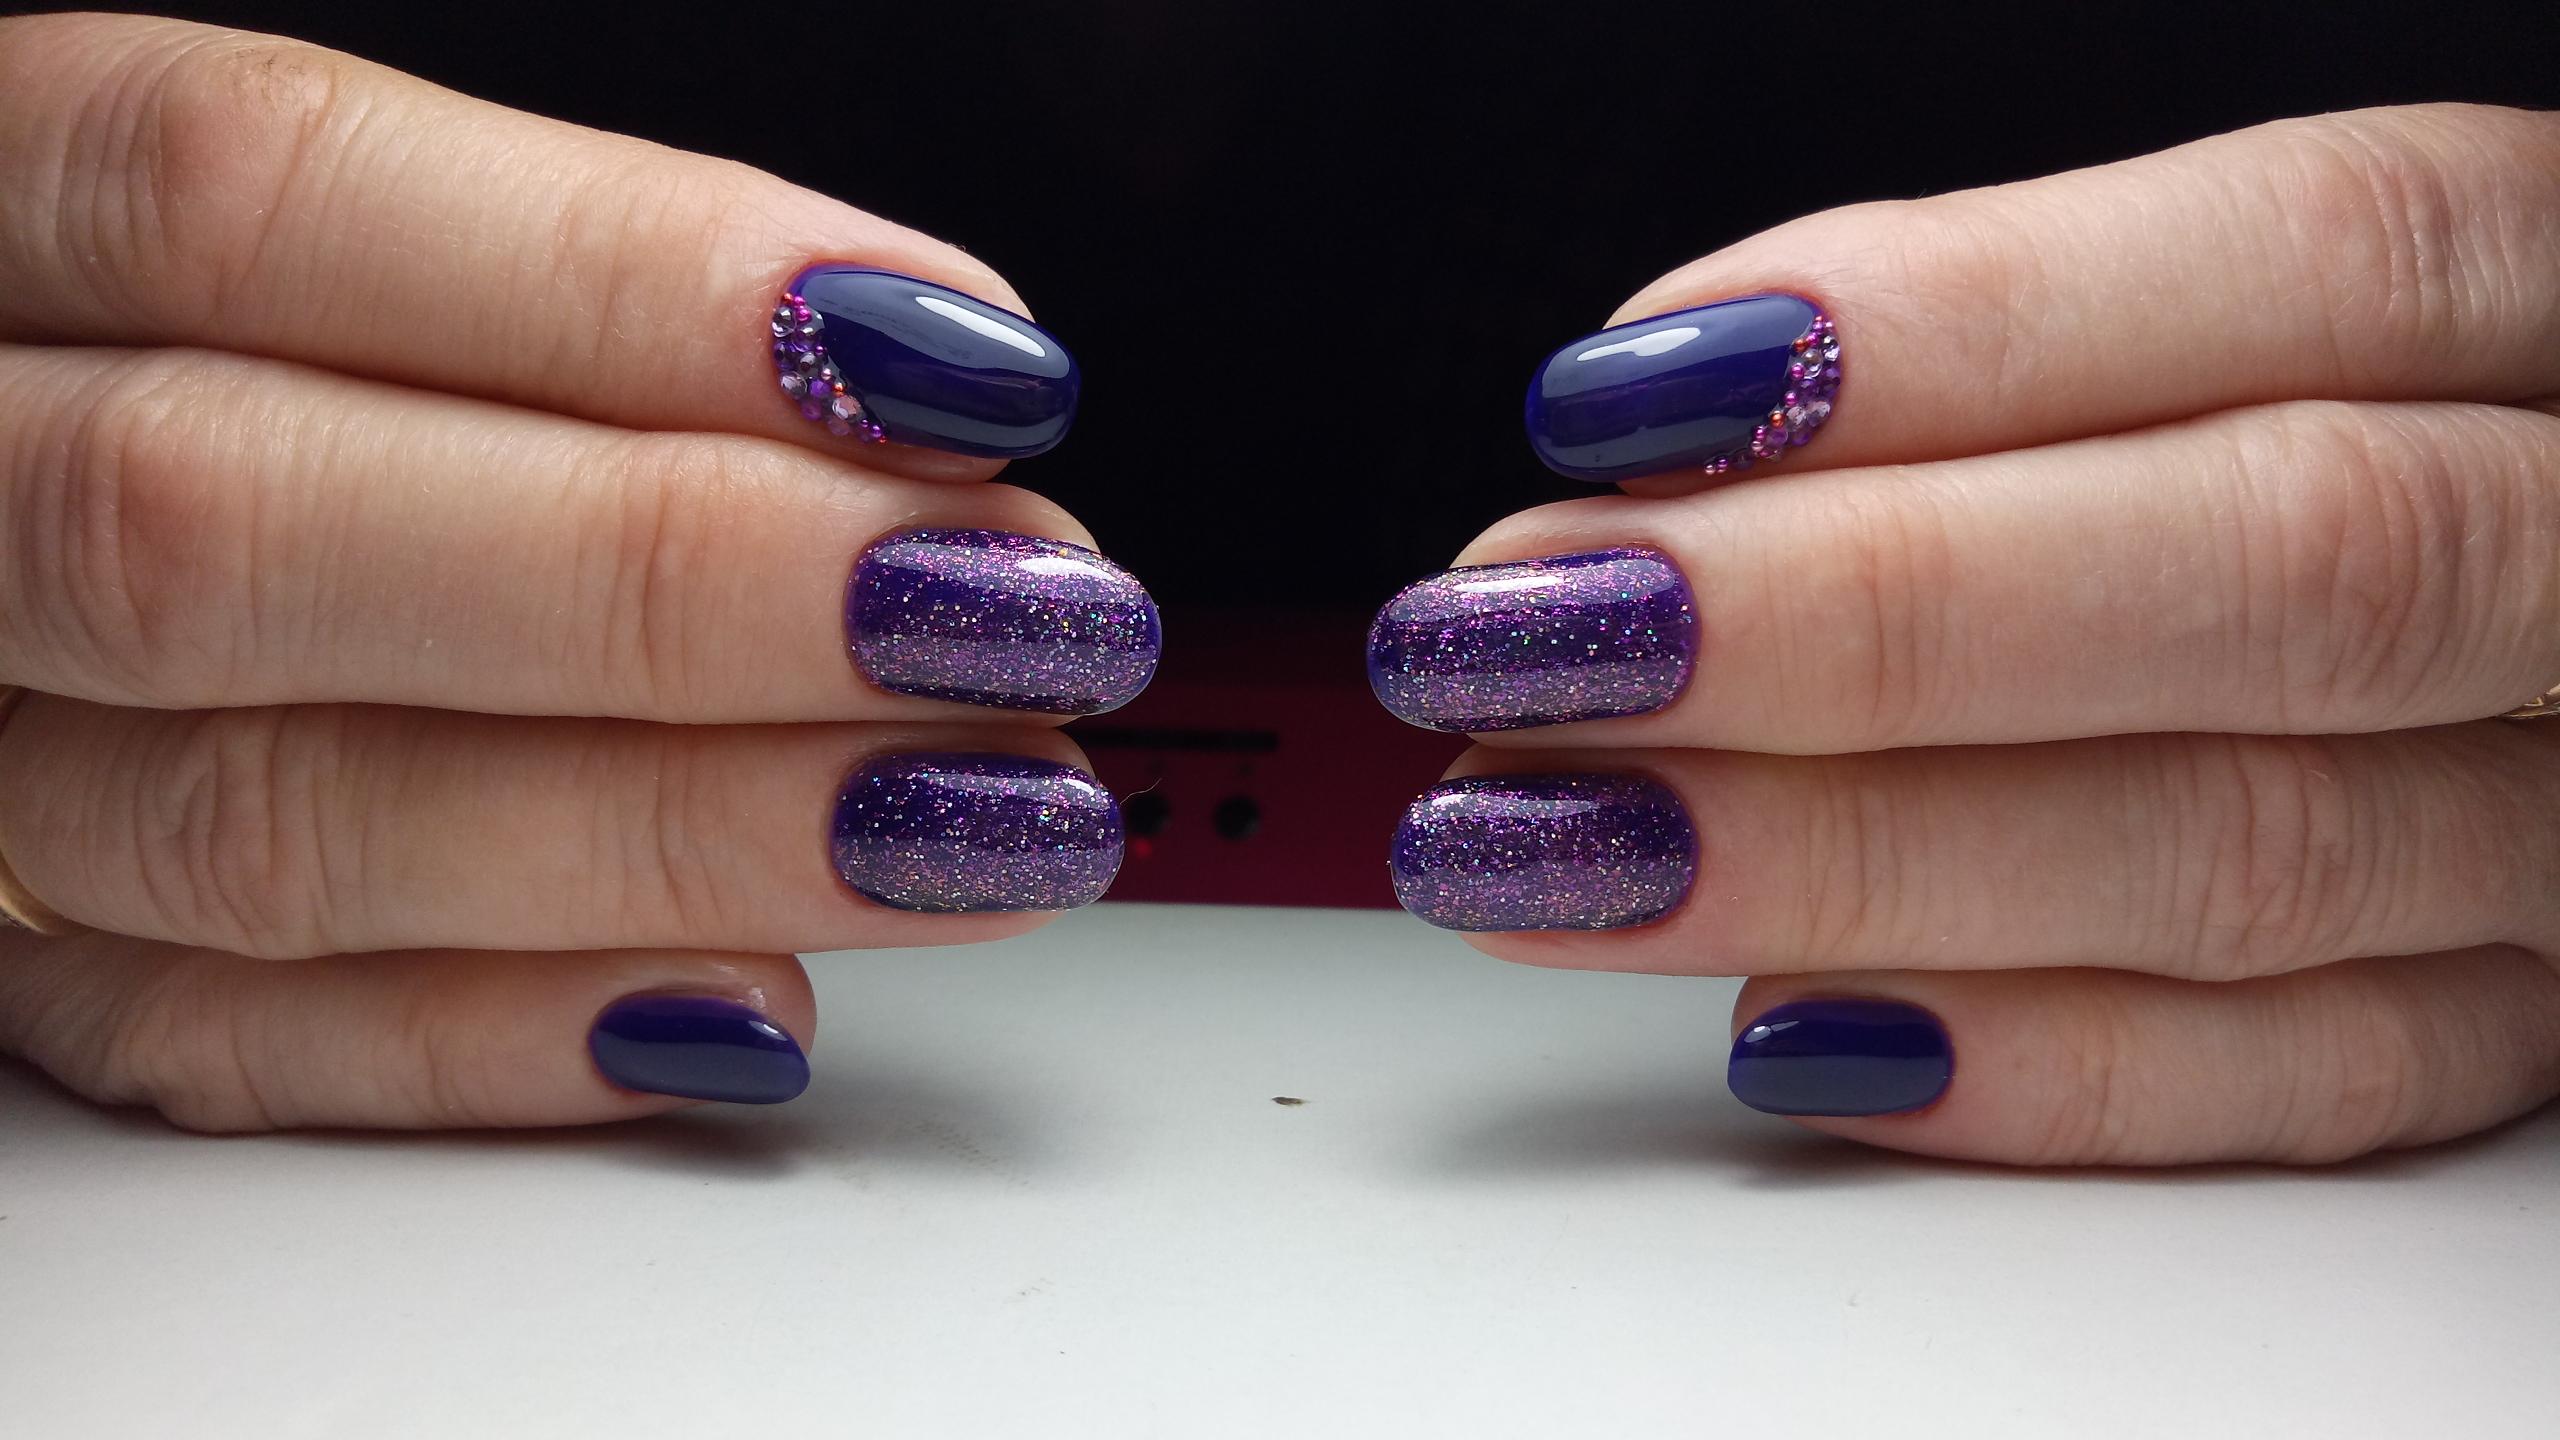 Маникюр в фиолетовом цвете с блёстками и стразами.